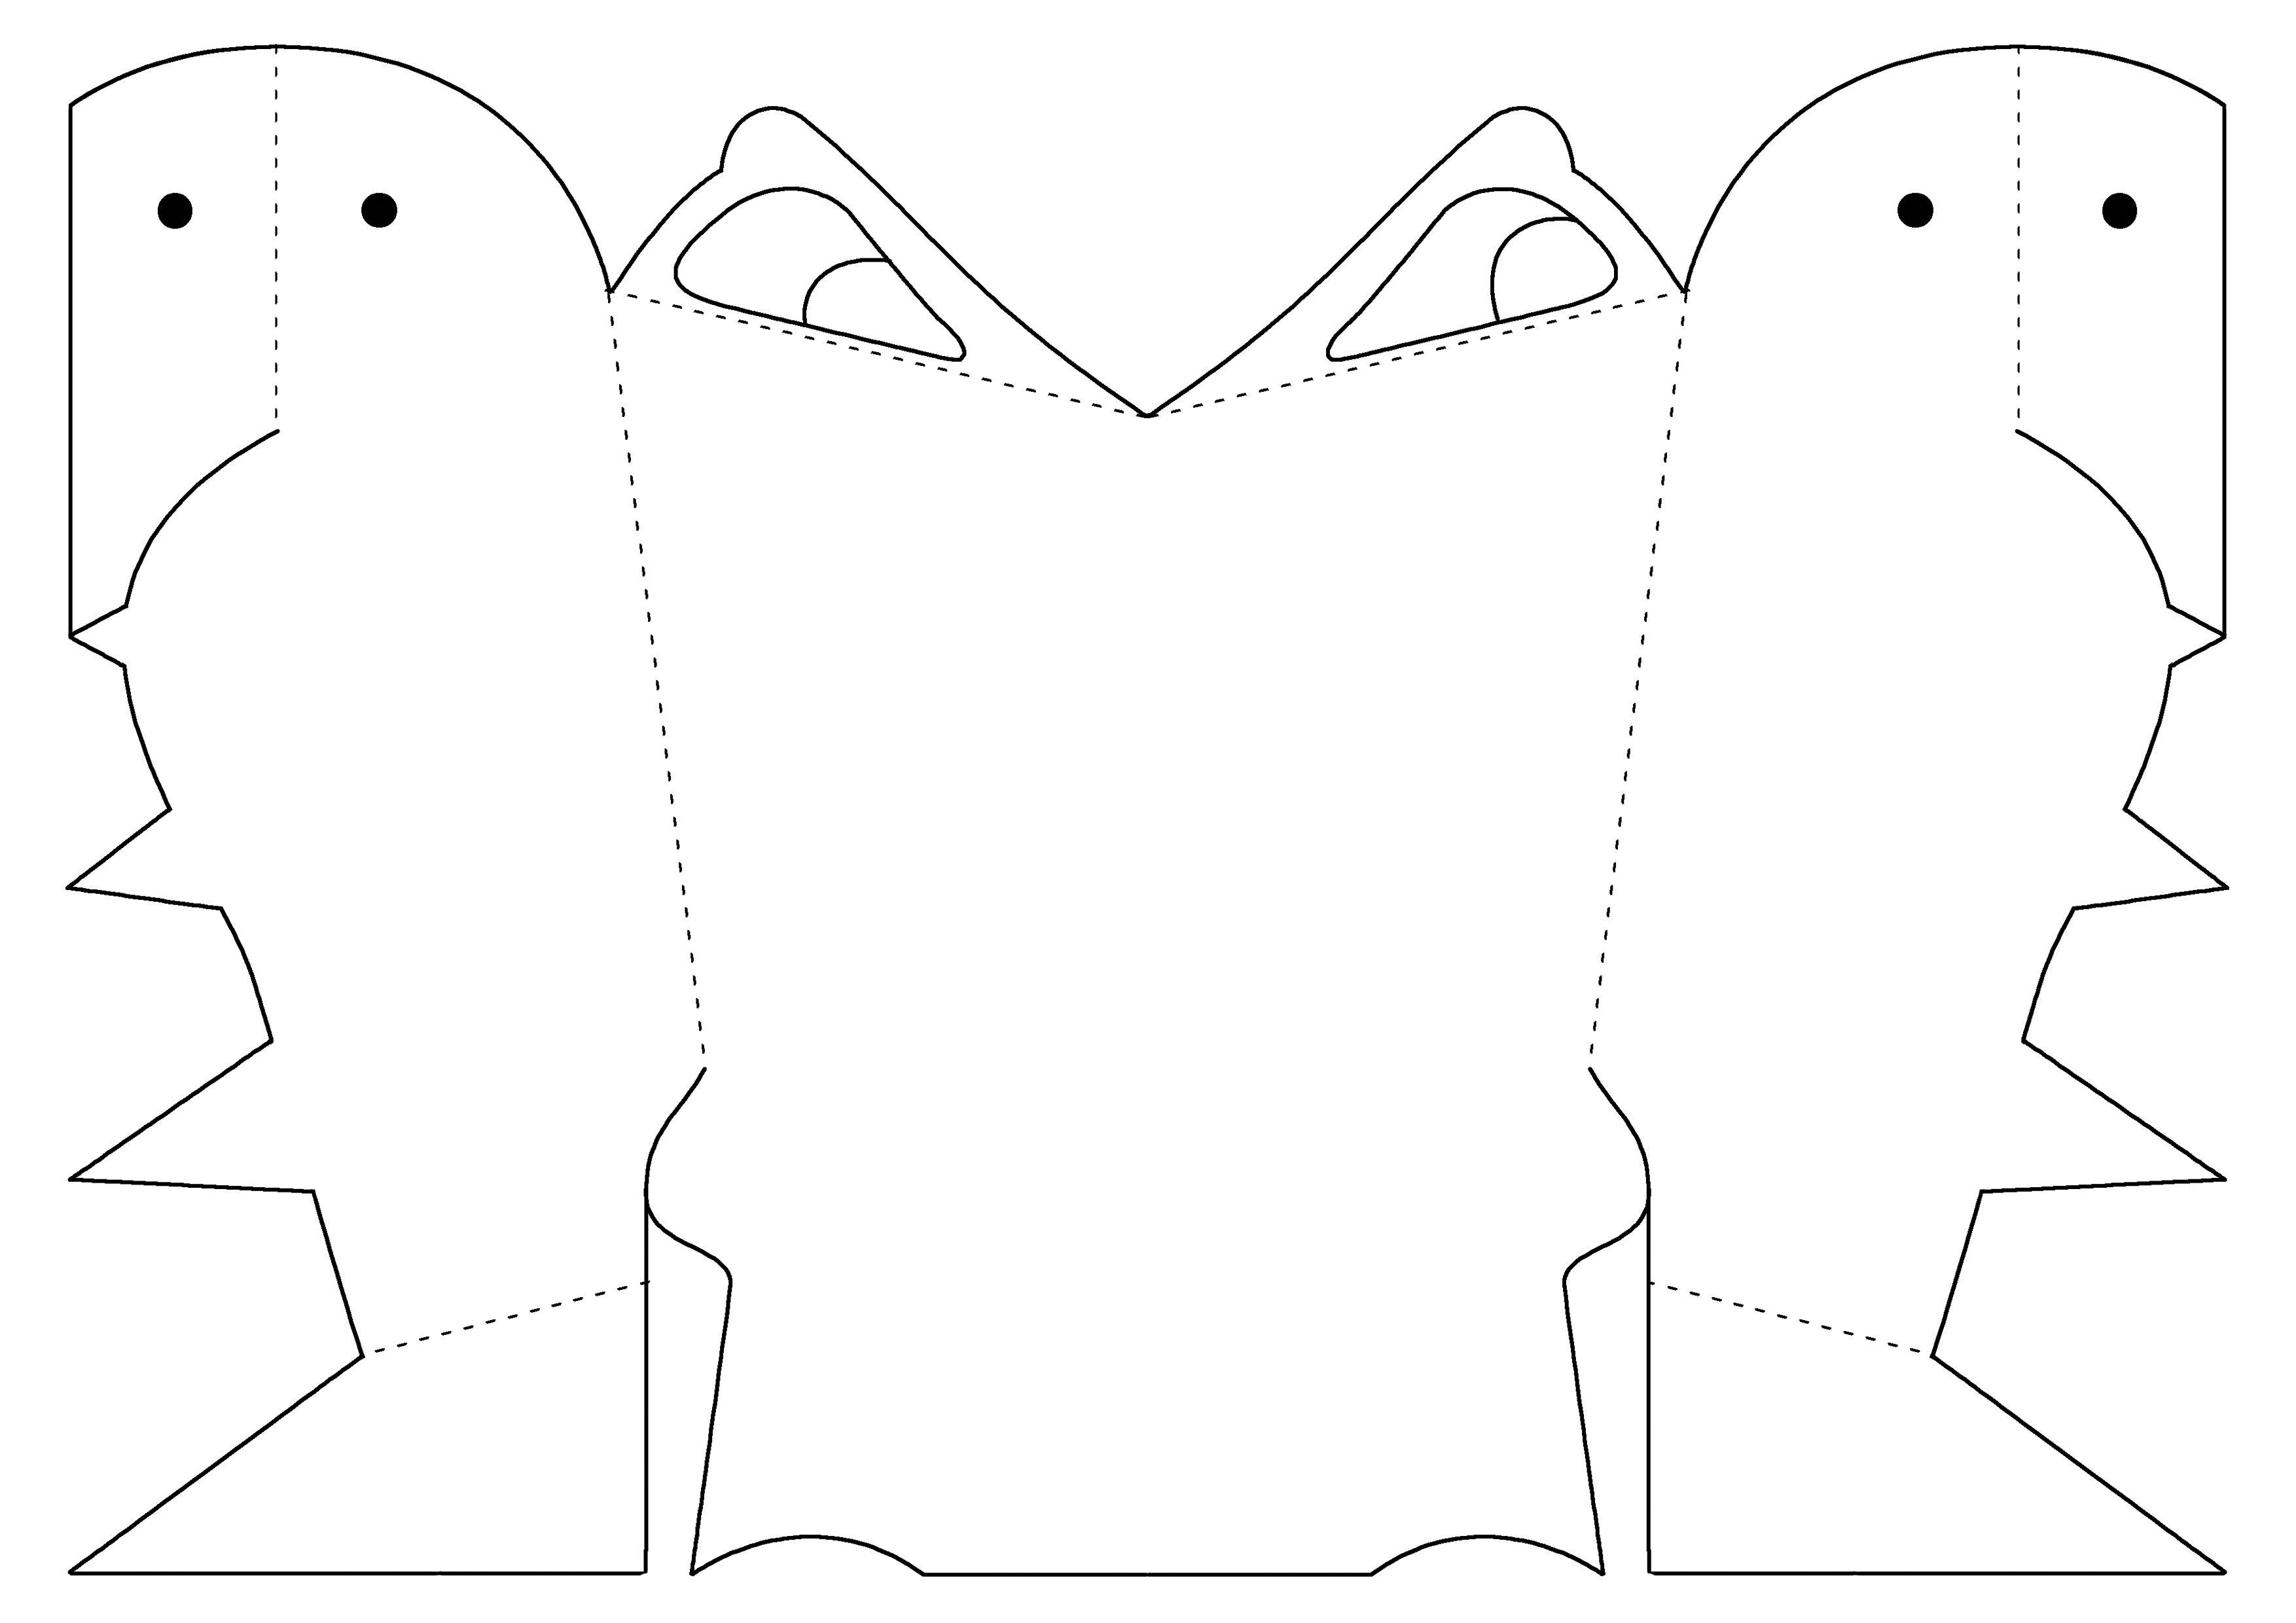 #DinosaurRoar Dinosaur Roar! Mask template by Paul